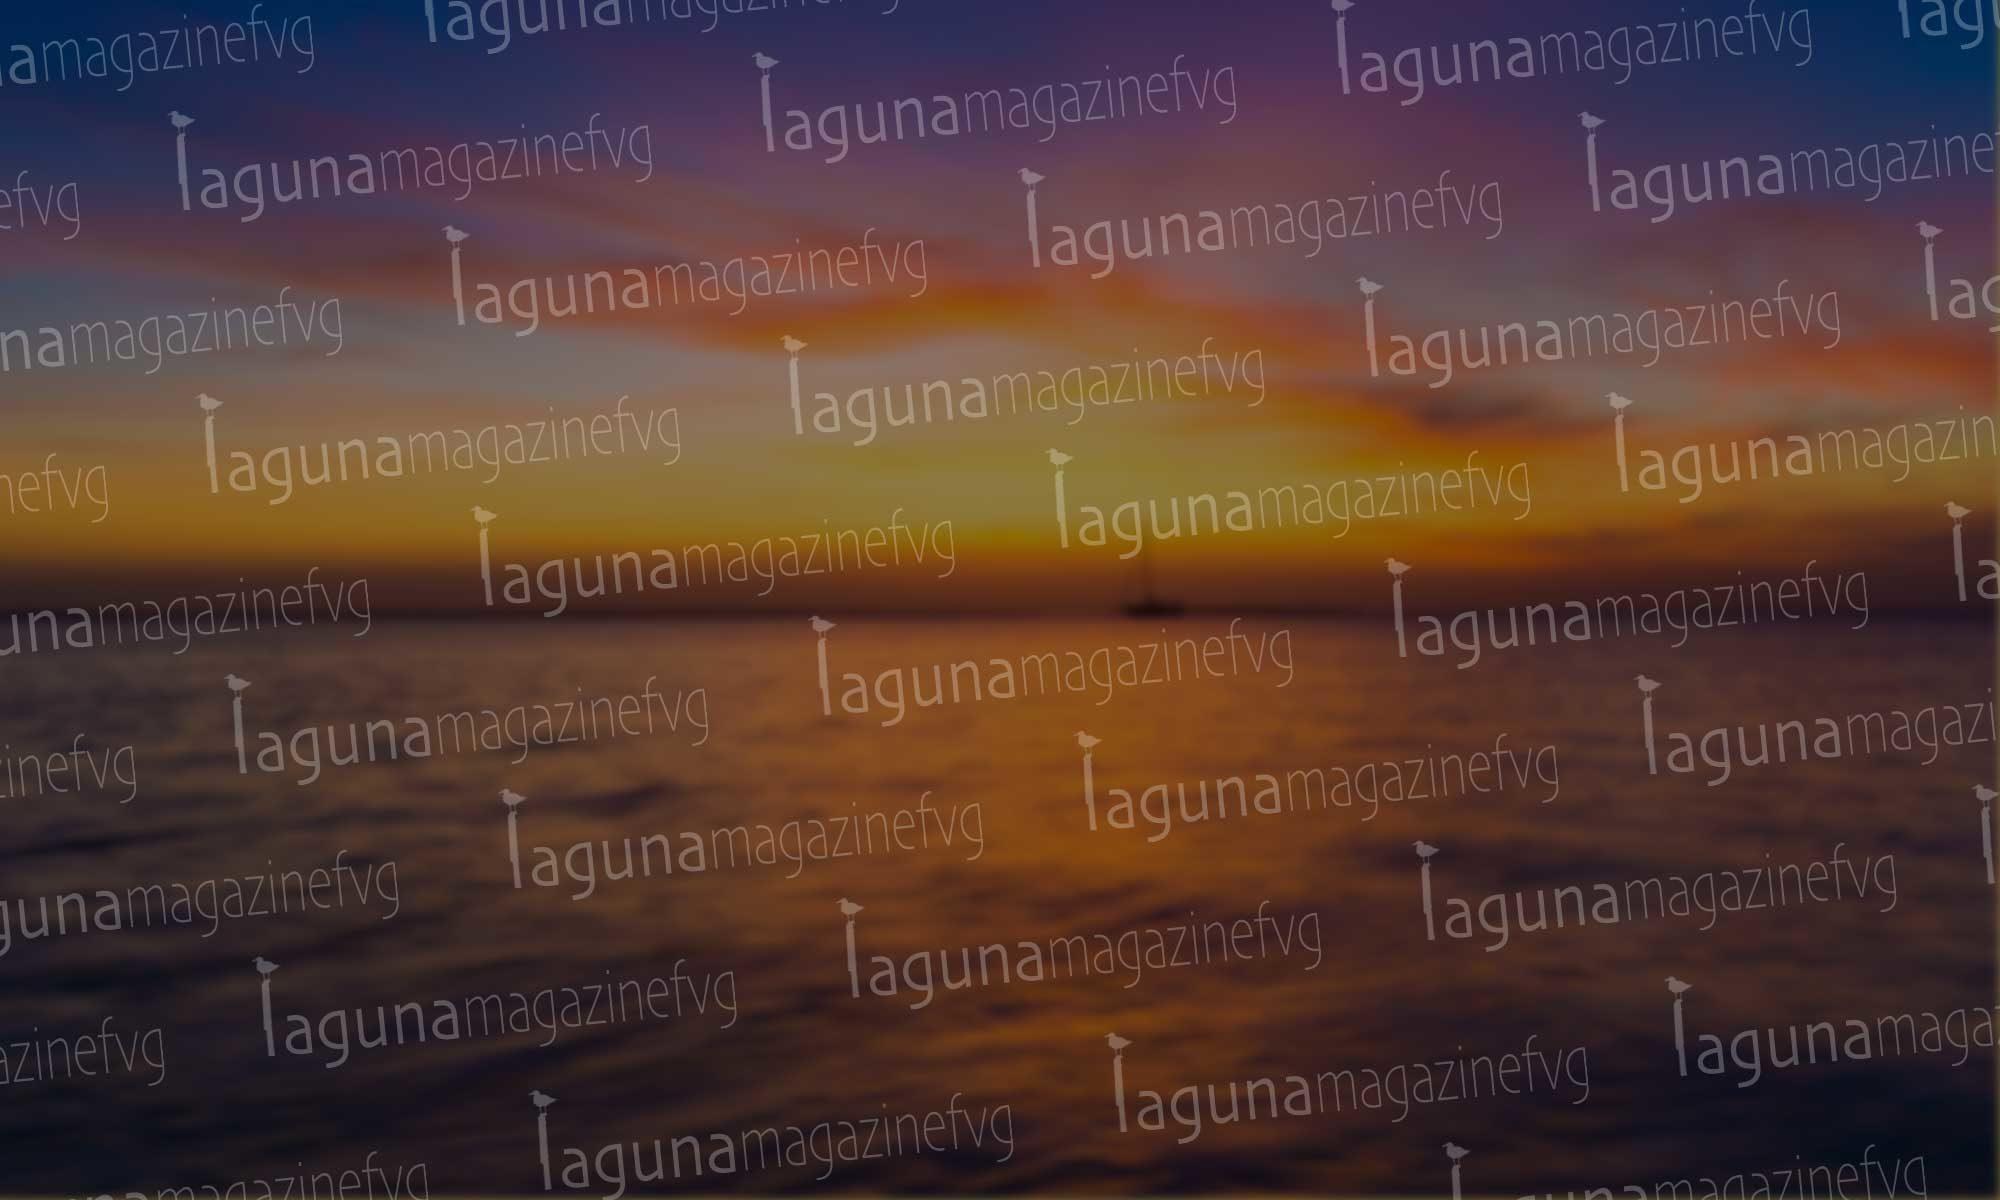 Laguna Magazine Fvg